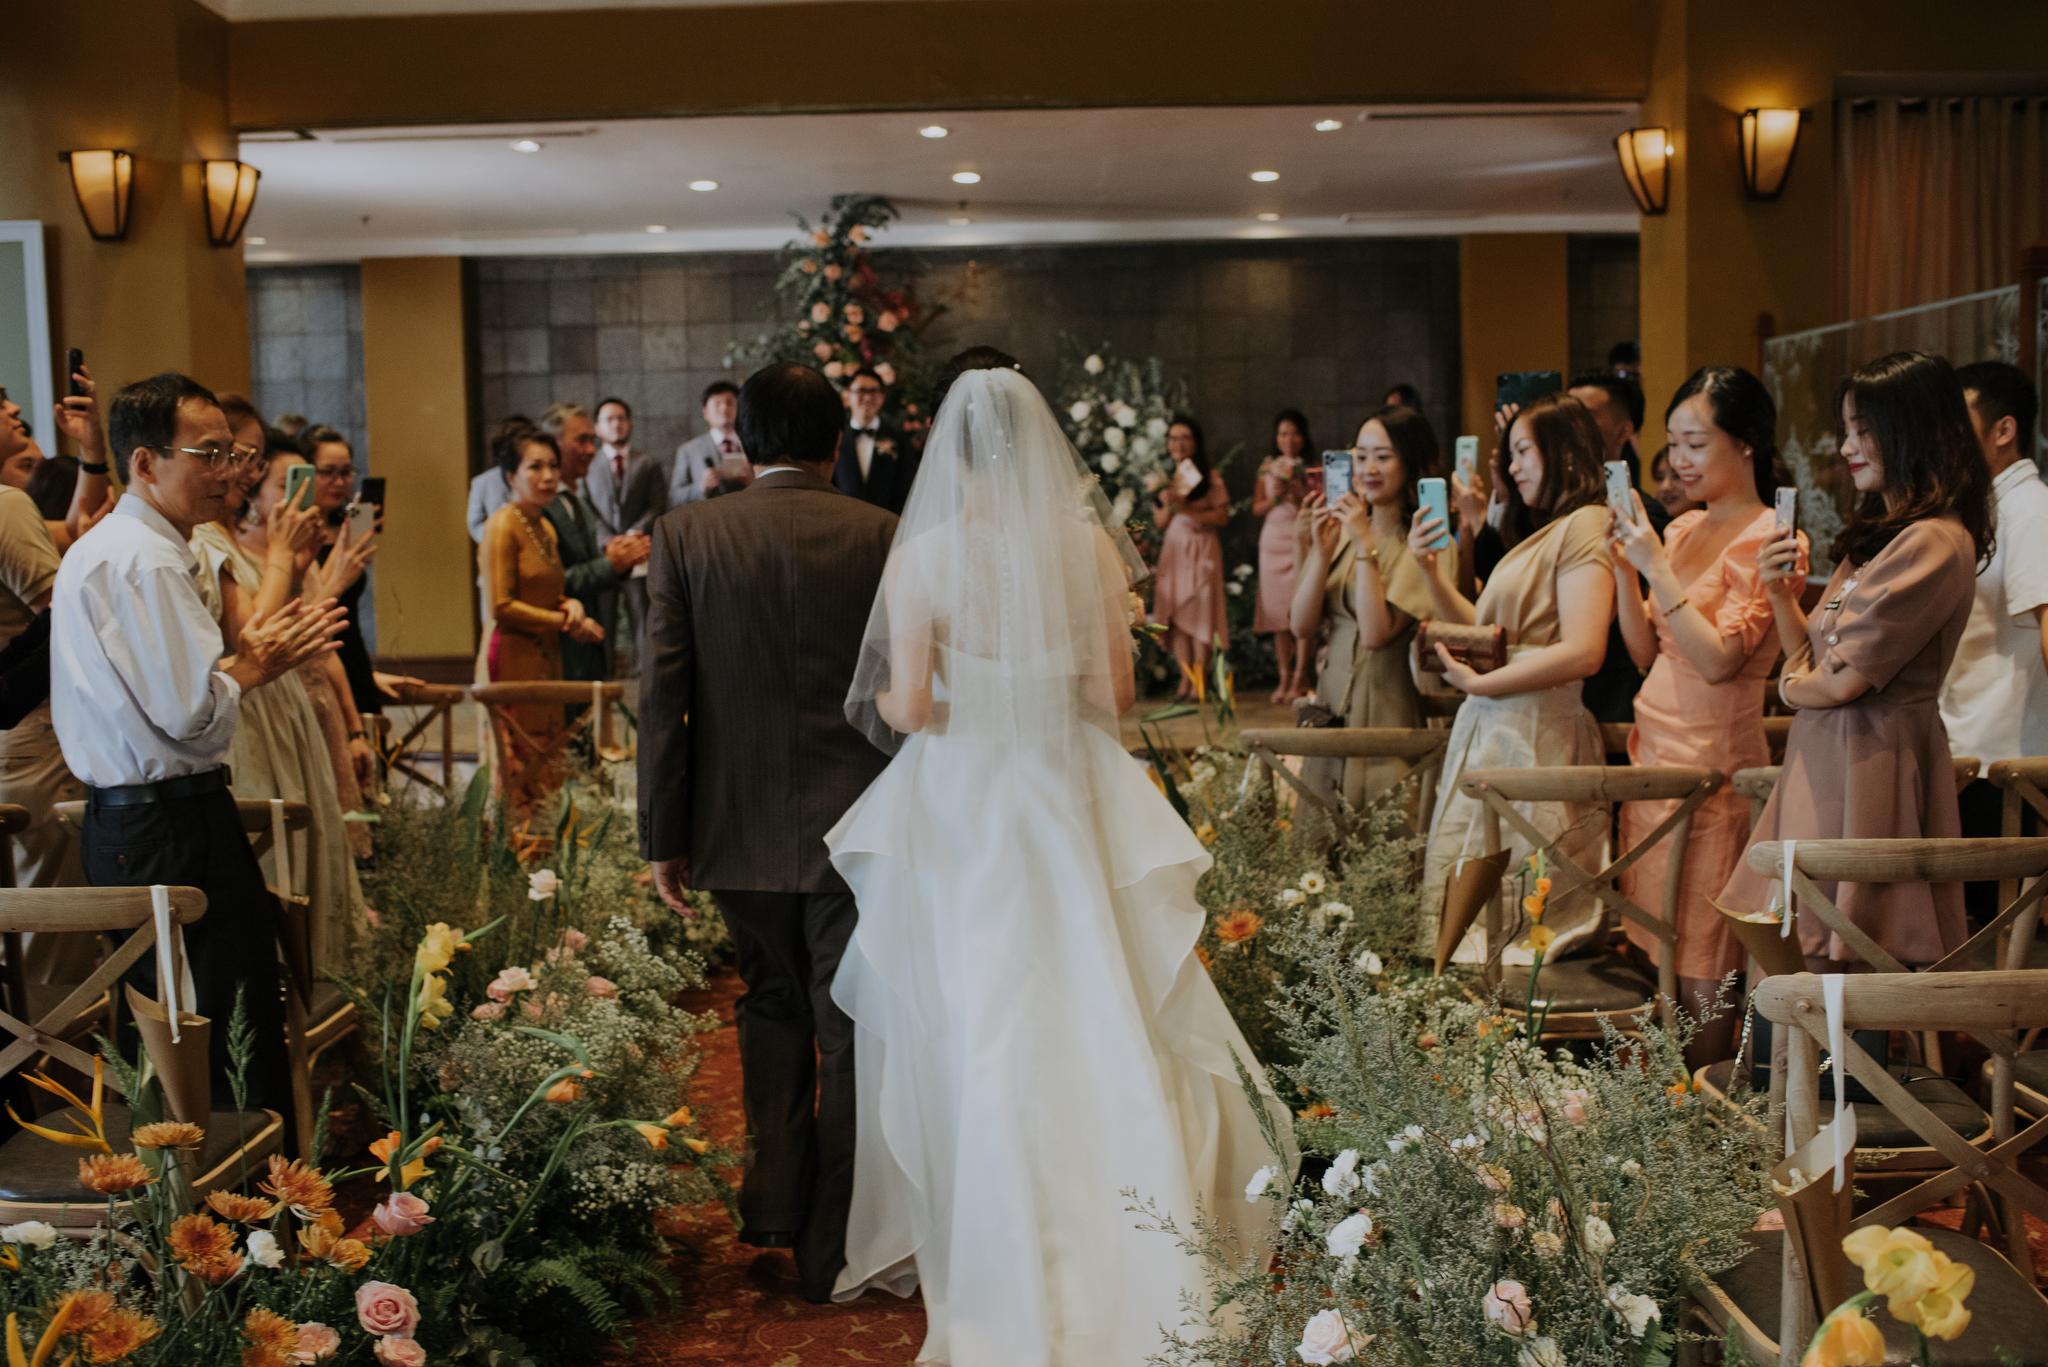 https://huk.s3.amazonaws.com/uploads/image/source/1401/Phuong-Diep-HN-Ceremony-1-0432.JPG